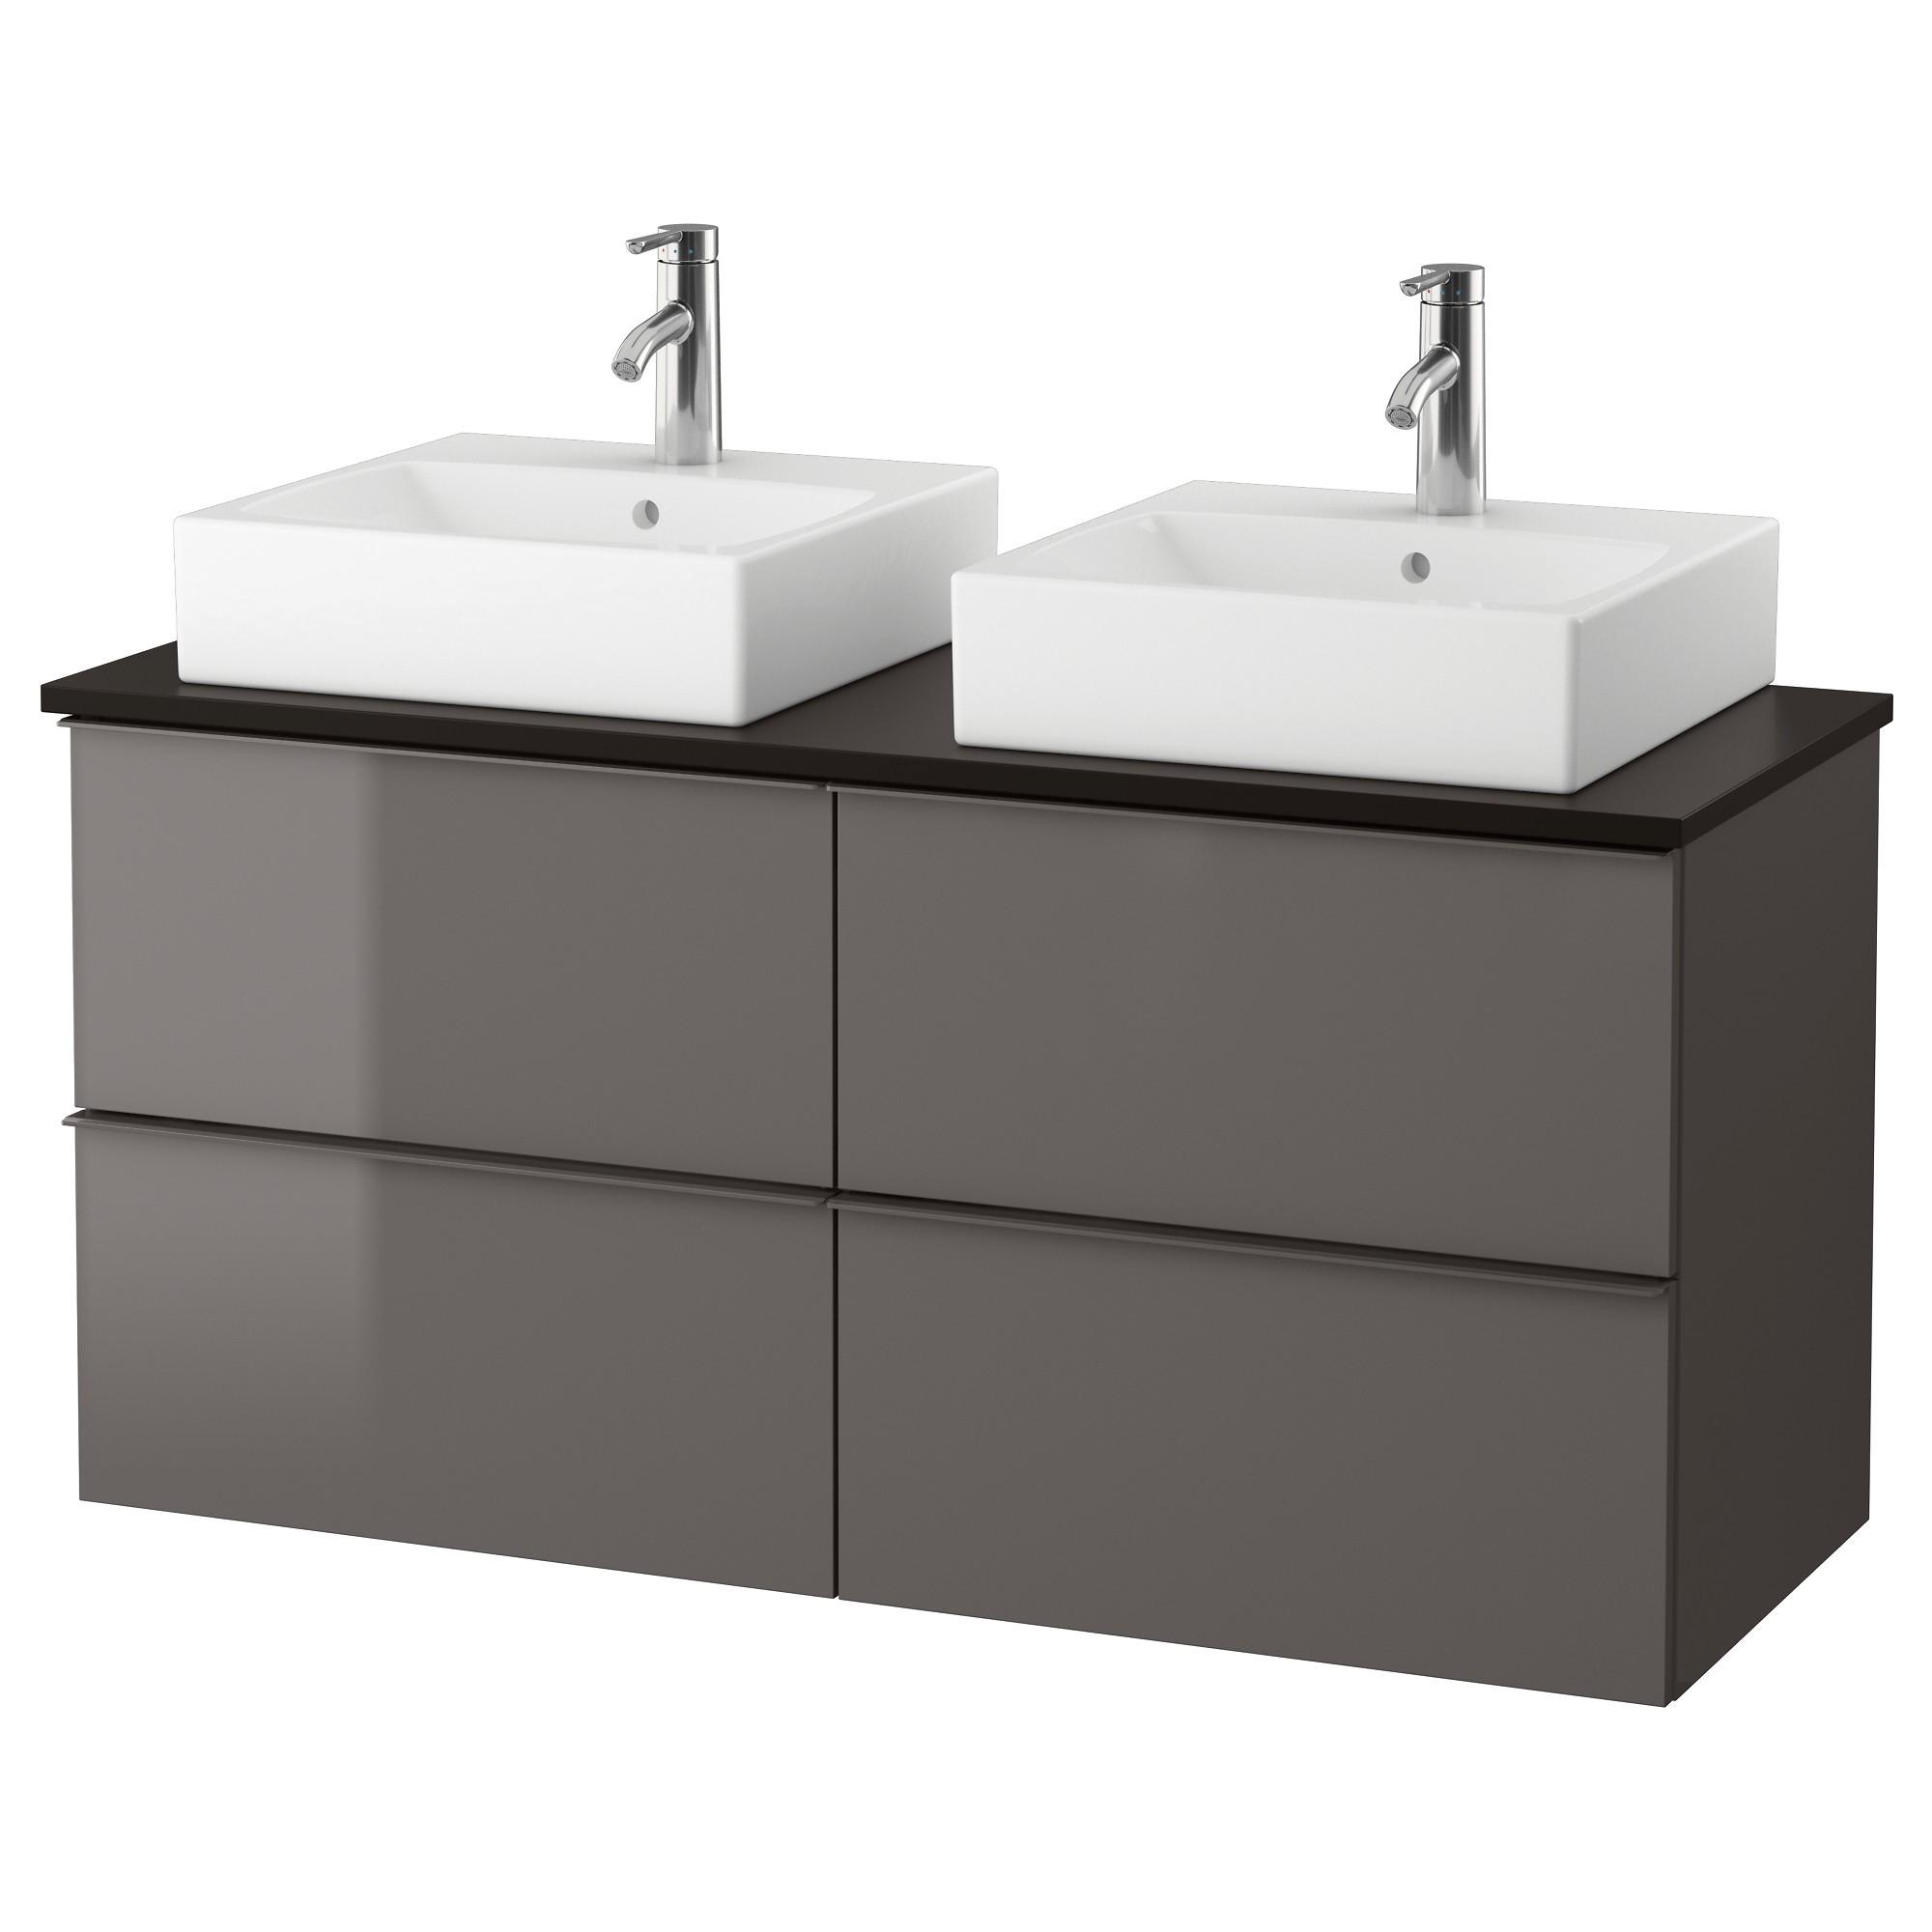 Bathroom Vanity Sinks Unique Bathroom Vanities Countertops Ikea Collection